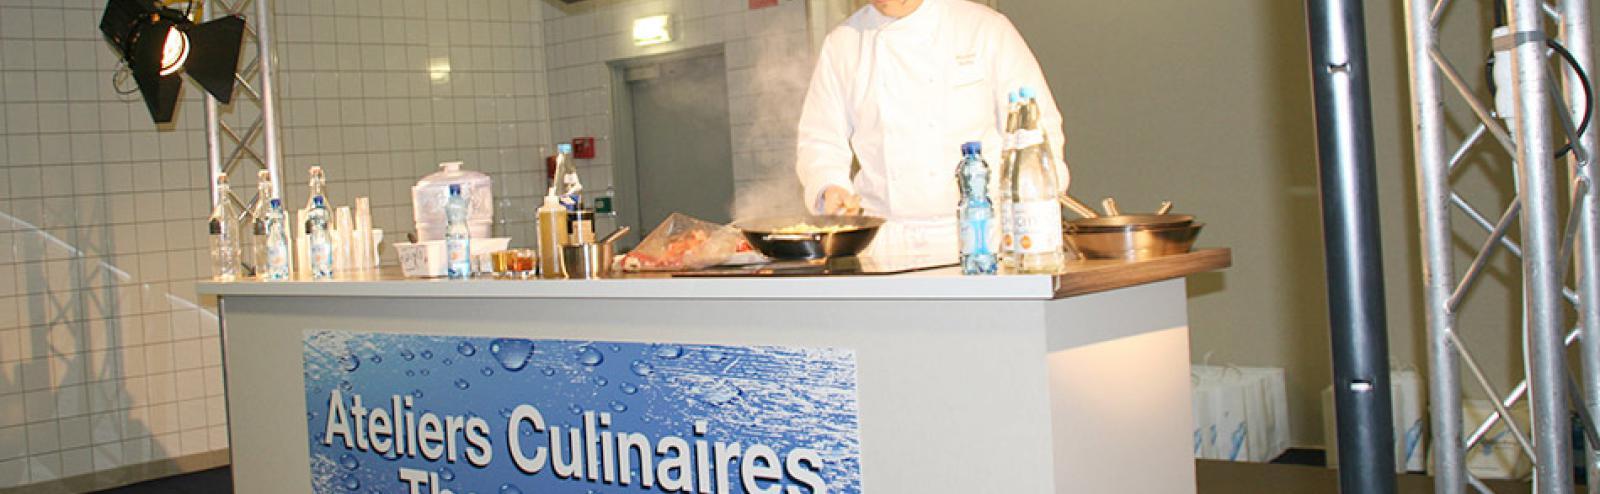 Recette culinaire Chef, Christophe Vauthier, Vichyssoise Célestins à la truffe